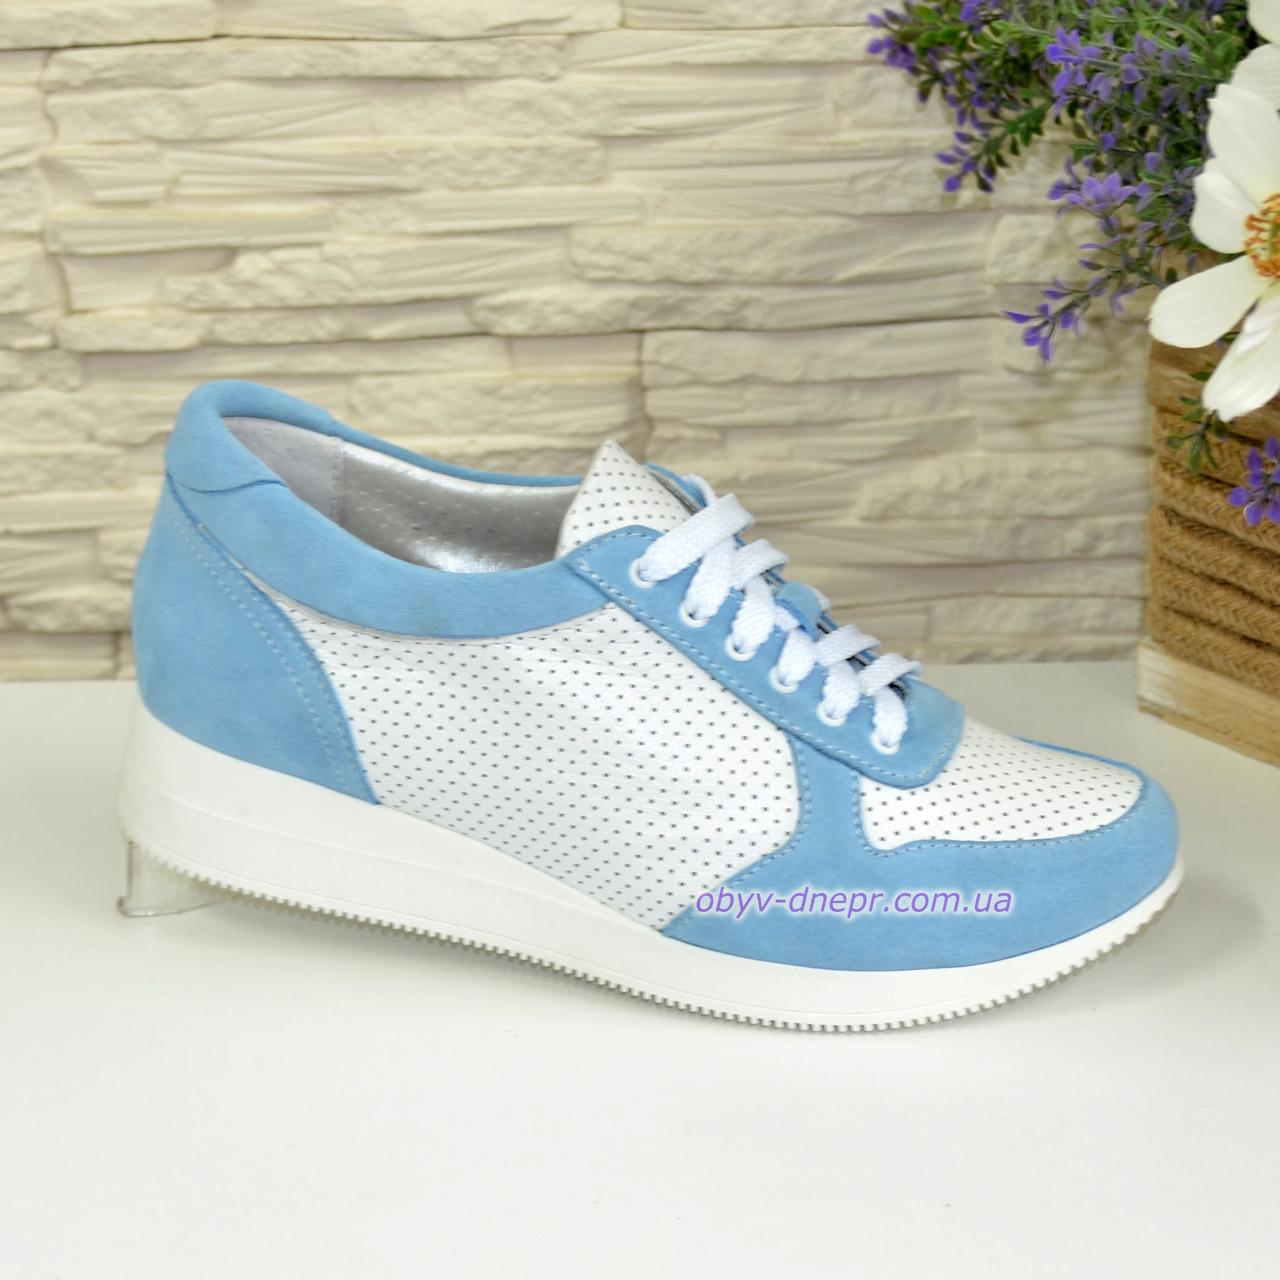 Стильные кроссовки женские на шнуровке, цвет голубой белый  продажа ... 49eff4fcc5a